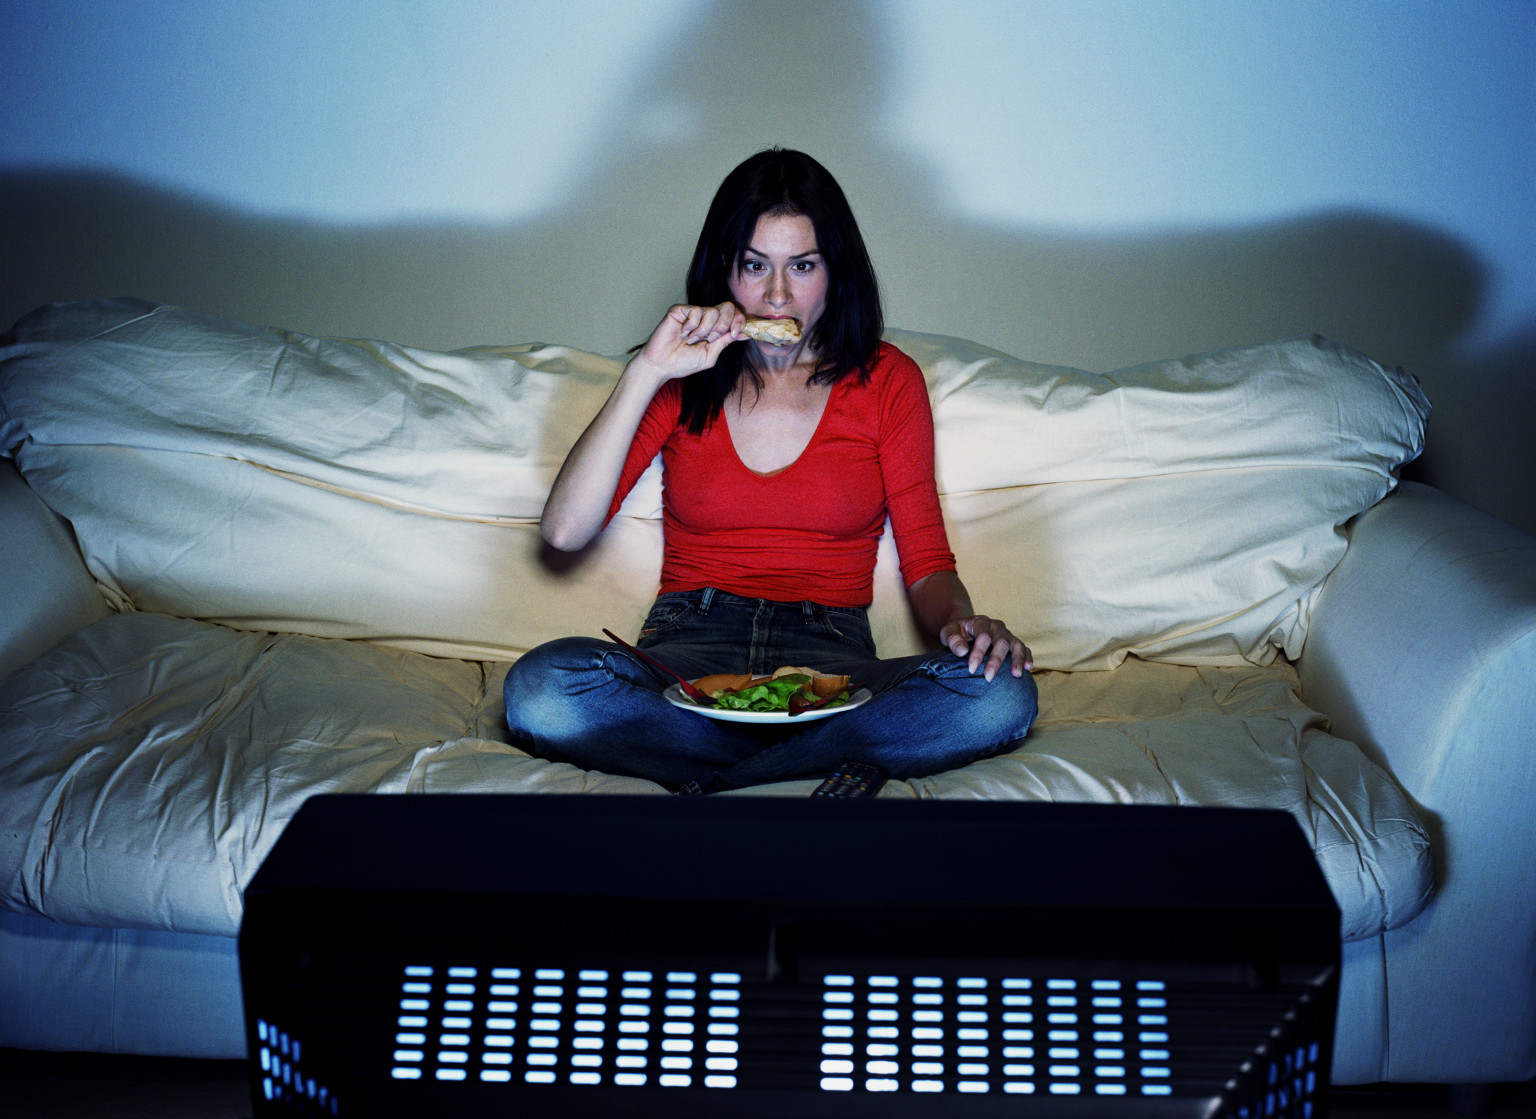 Farkında olmadan yemek yemeyi abarttığımız 4 ortam